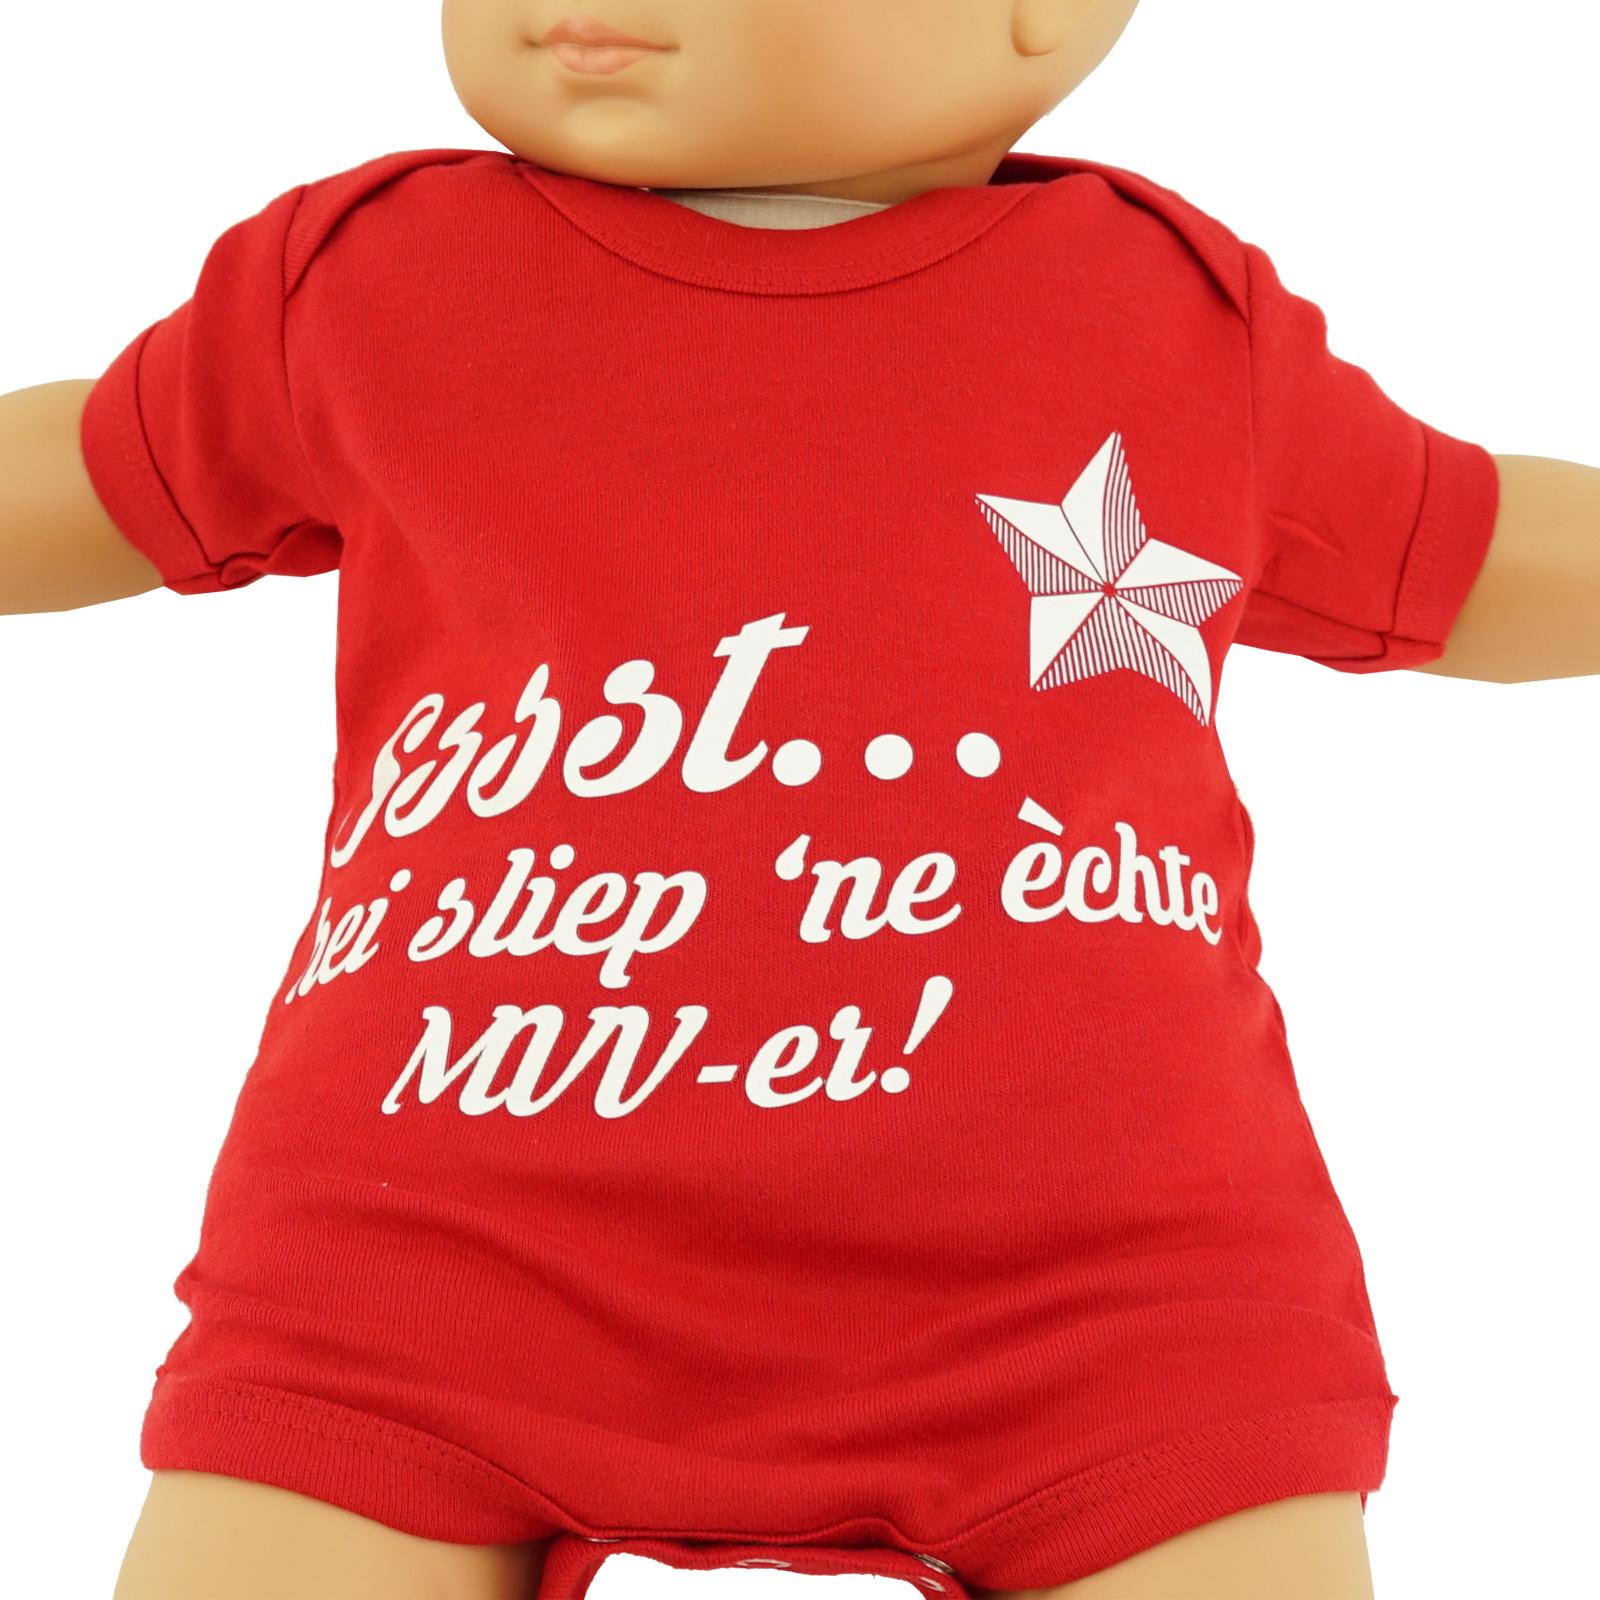 Baby body - rood - Sssst...hei sliep 'ne èchte MVV-er!